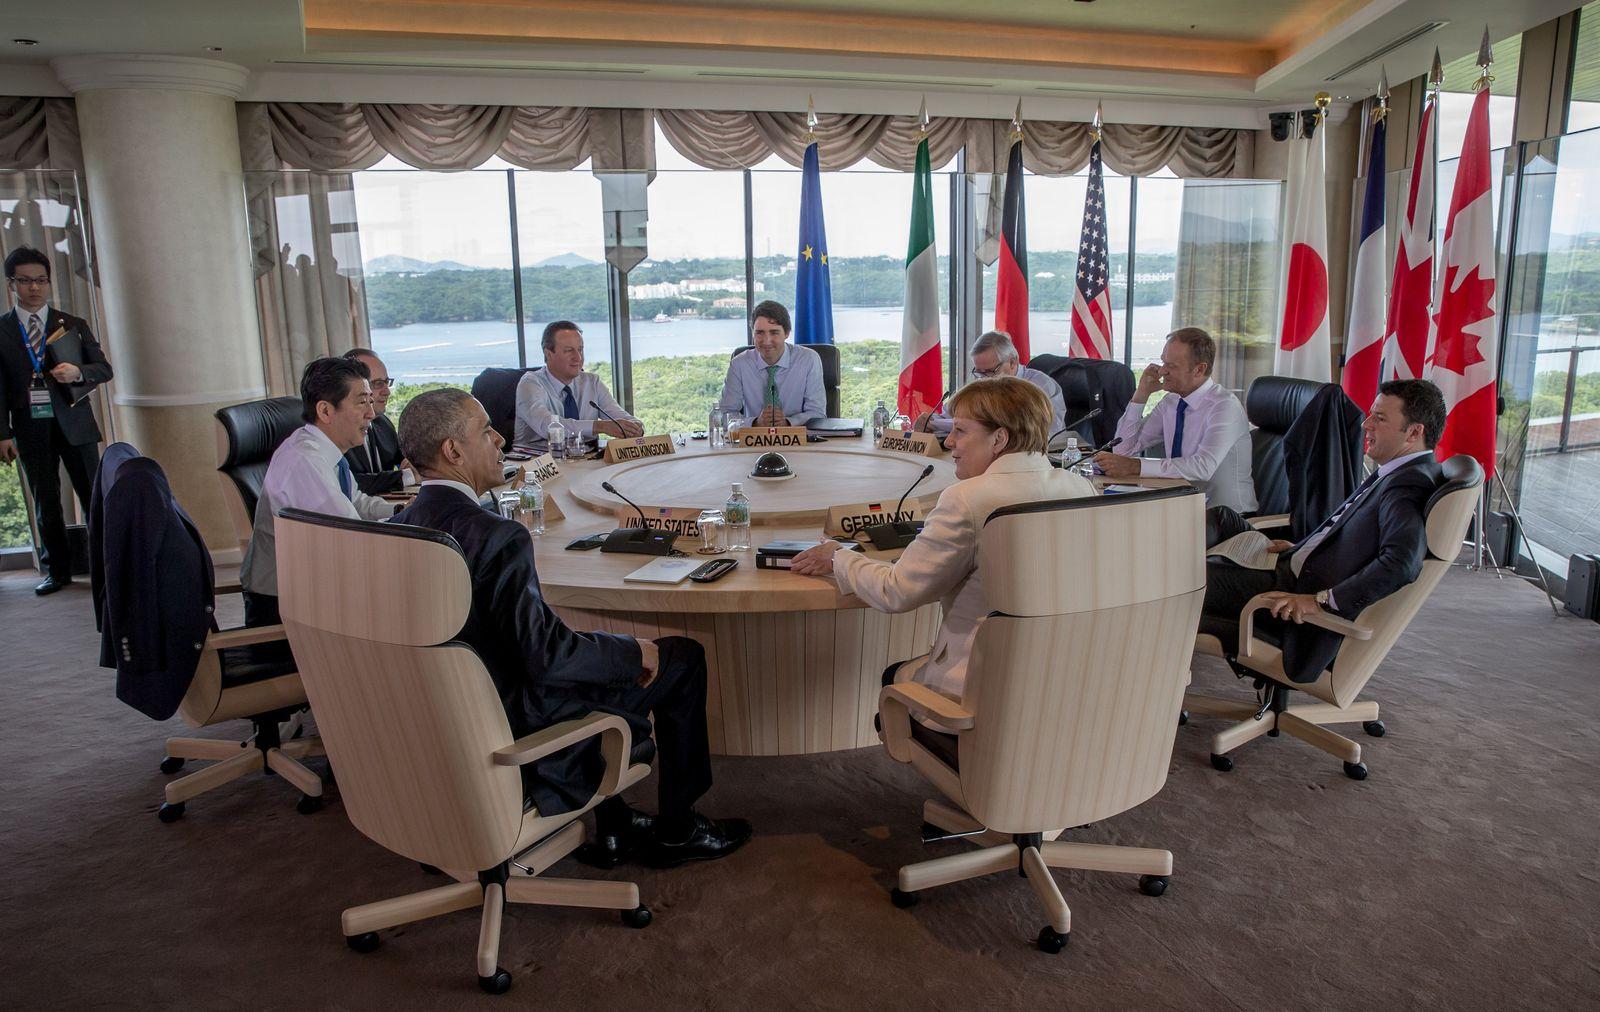 Abschluss Gipfeltreffen der Staats- und Regierungschefs der G7-St